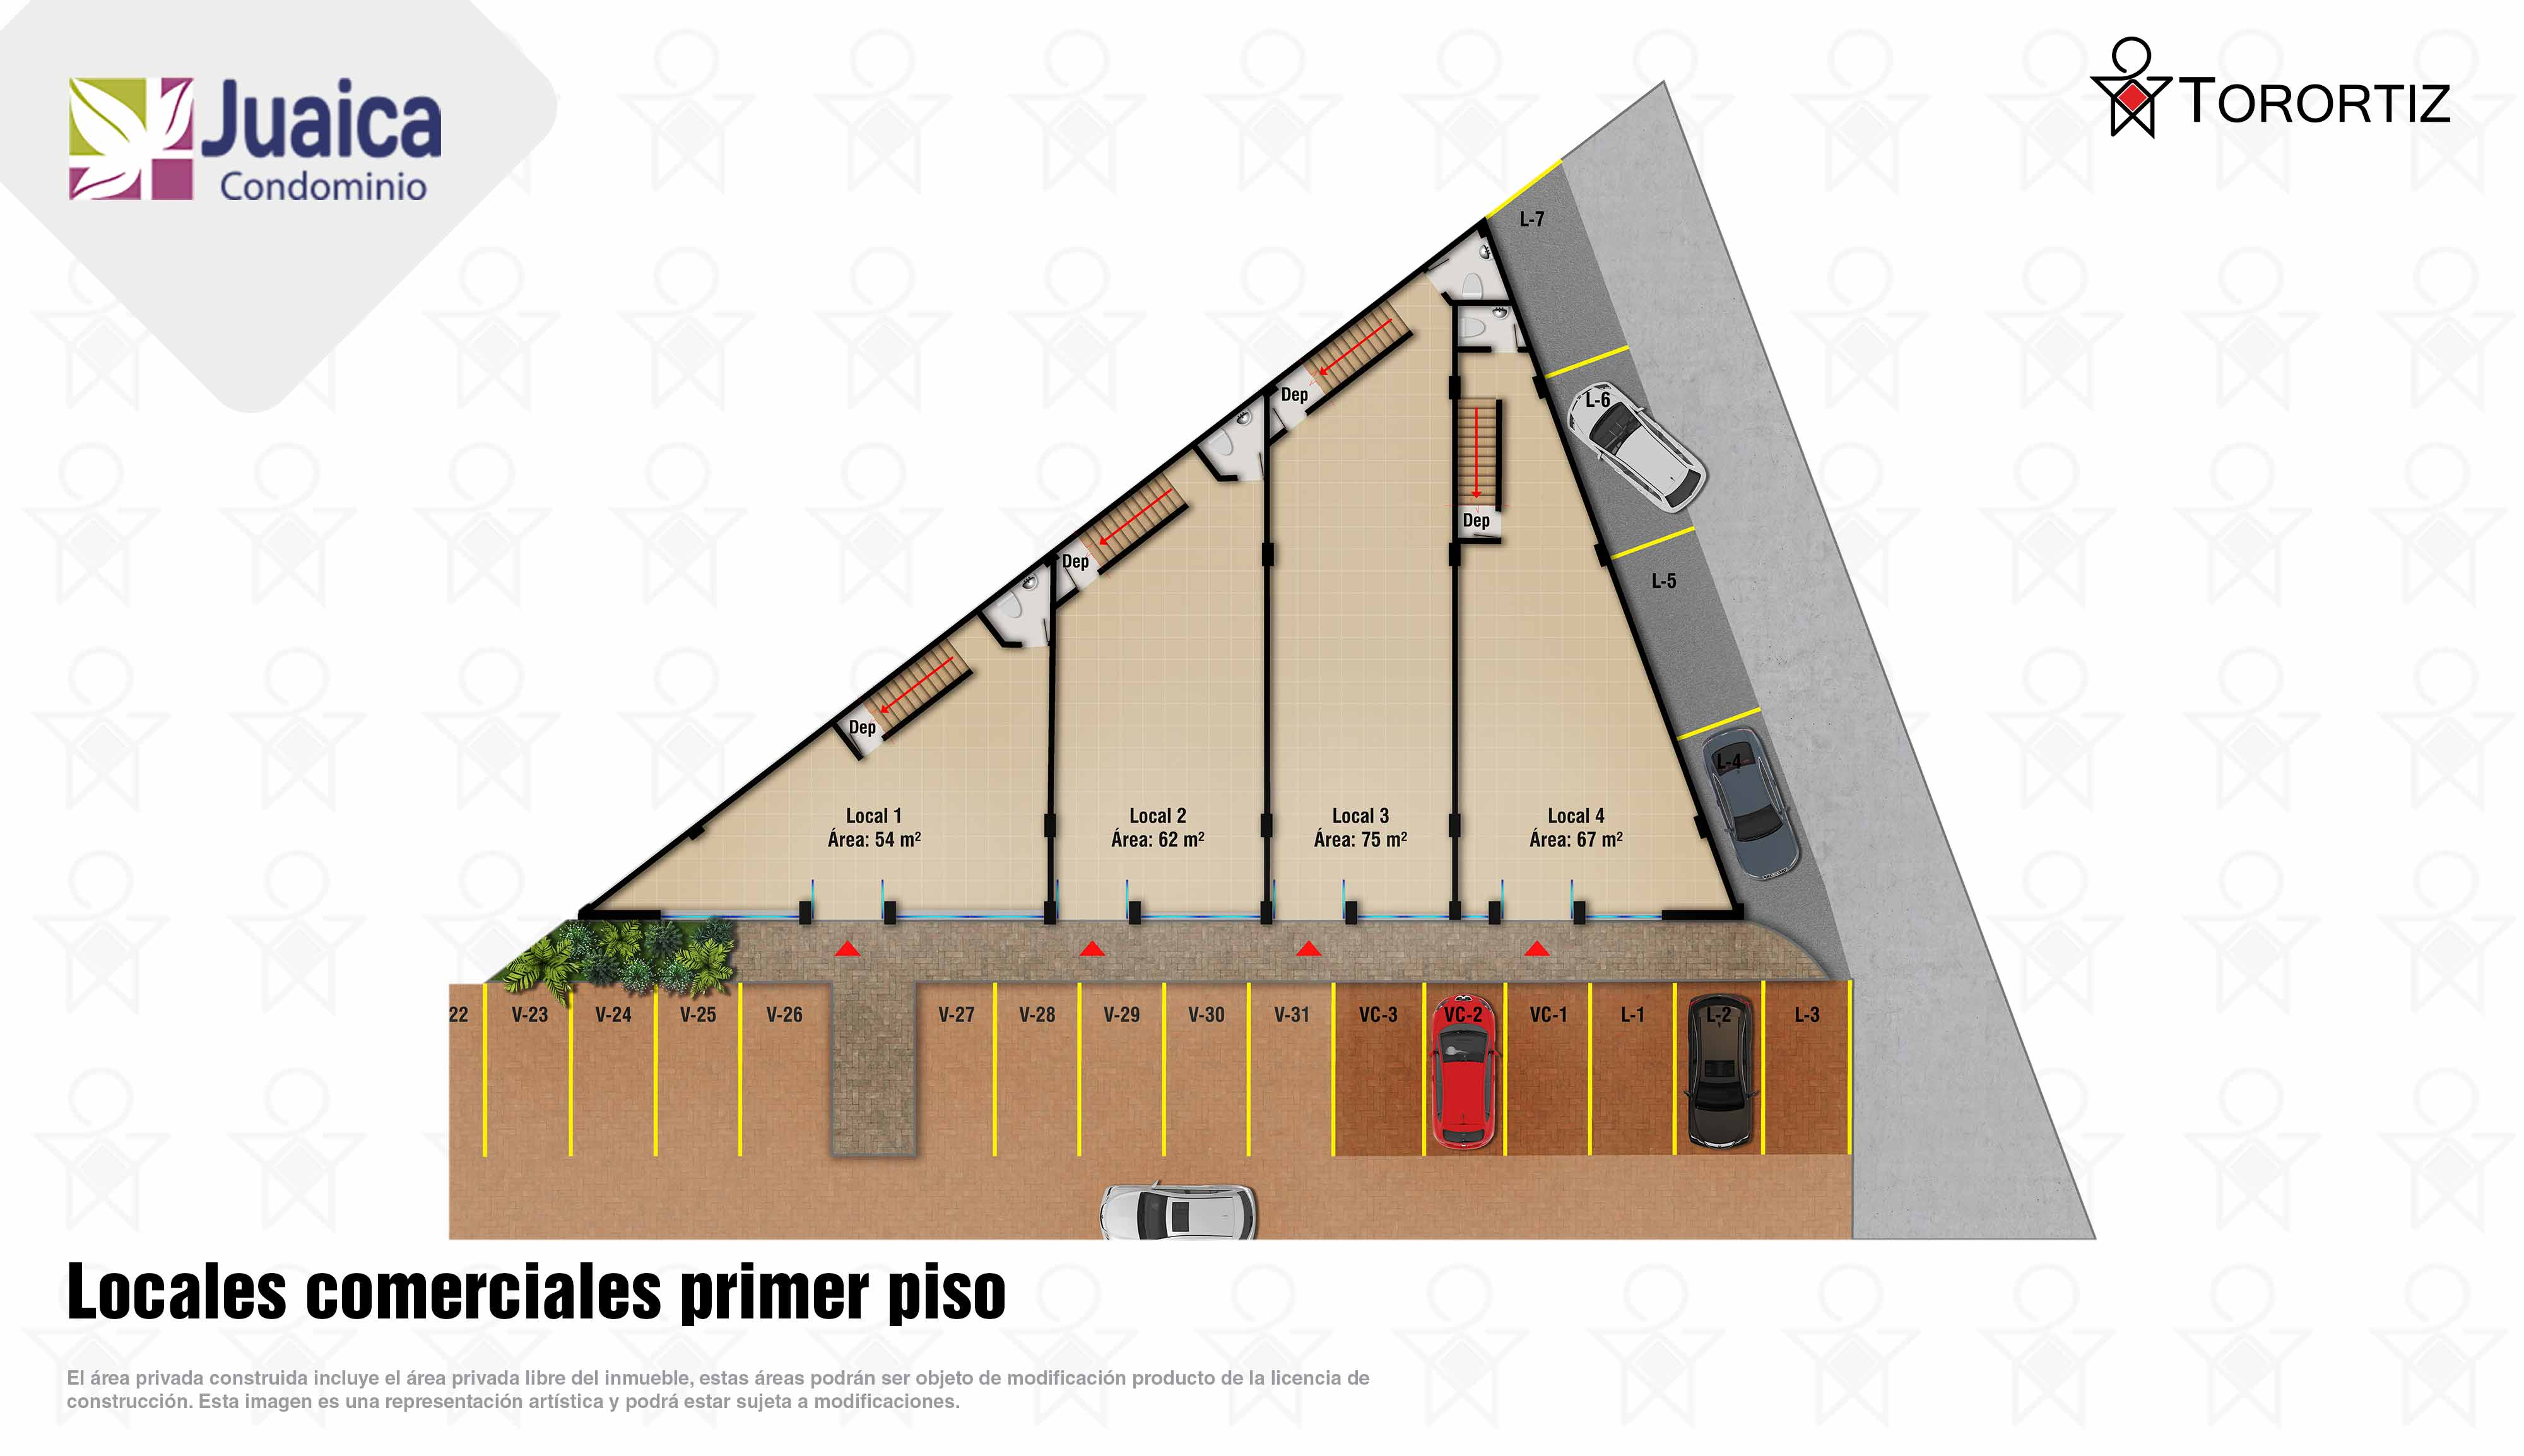 Juaica-condominio-locales-tenjo-calle-80-portal-venta-vivienda-nueva-cundinamarca-mezzanine-torortiz-casas-lotes-Locales comerciales primer piso